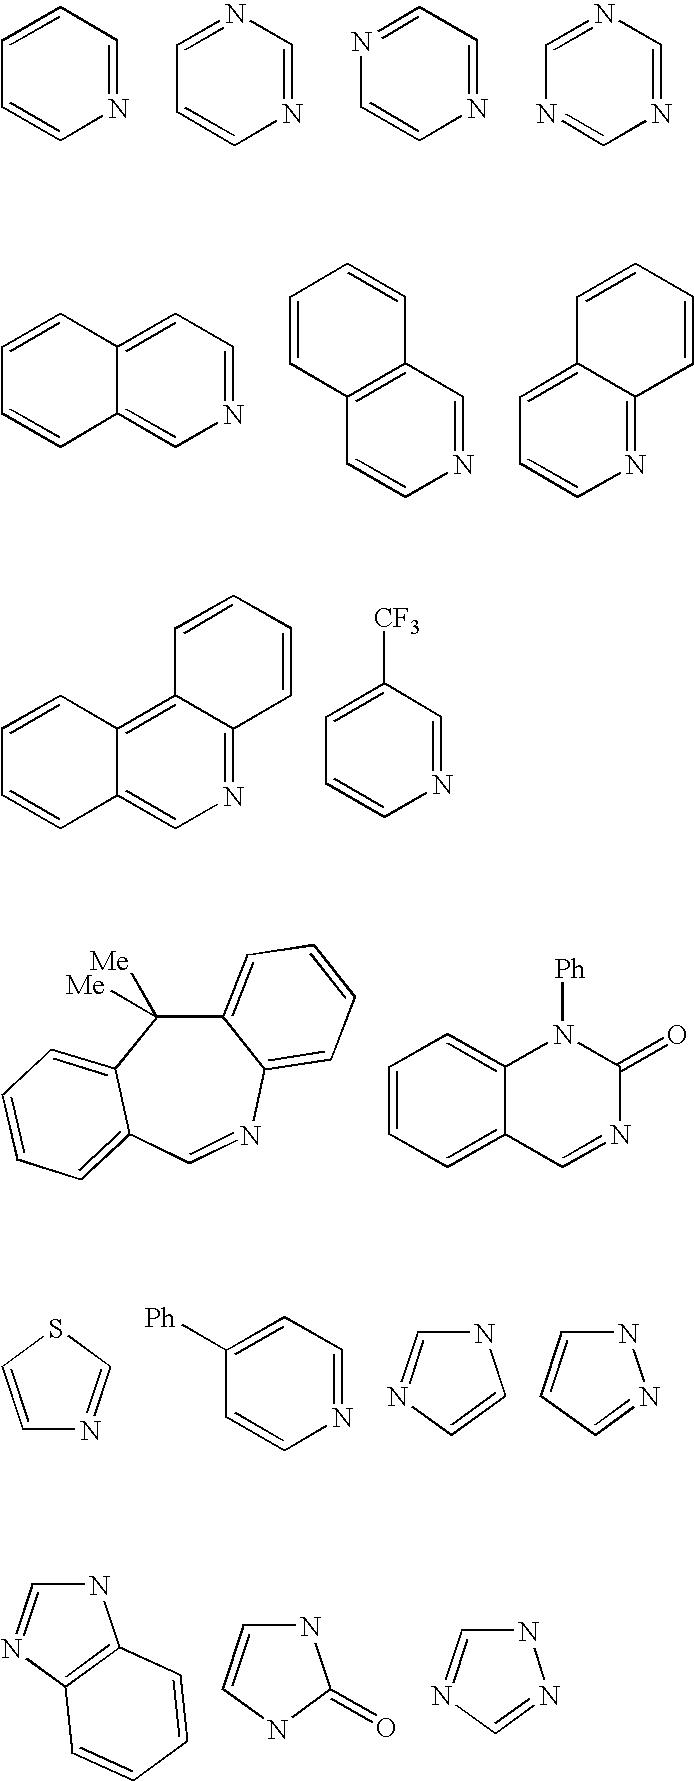 Figure US20090001885A1-20090101-C00002